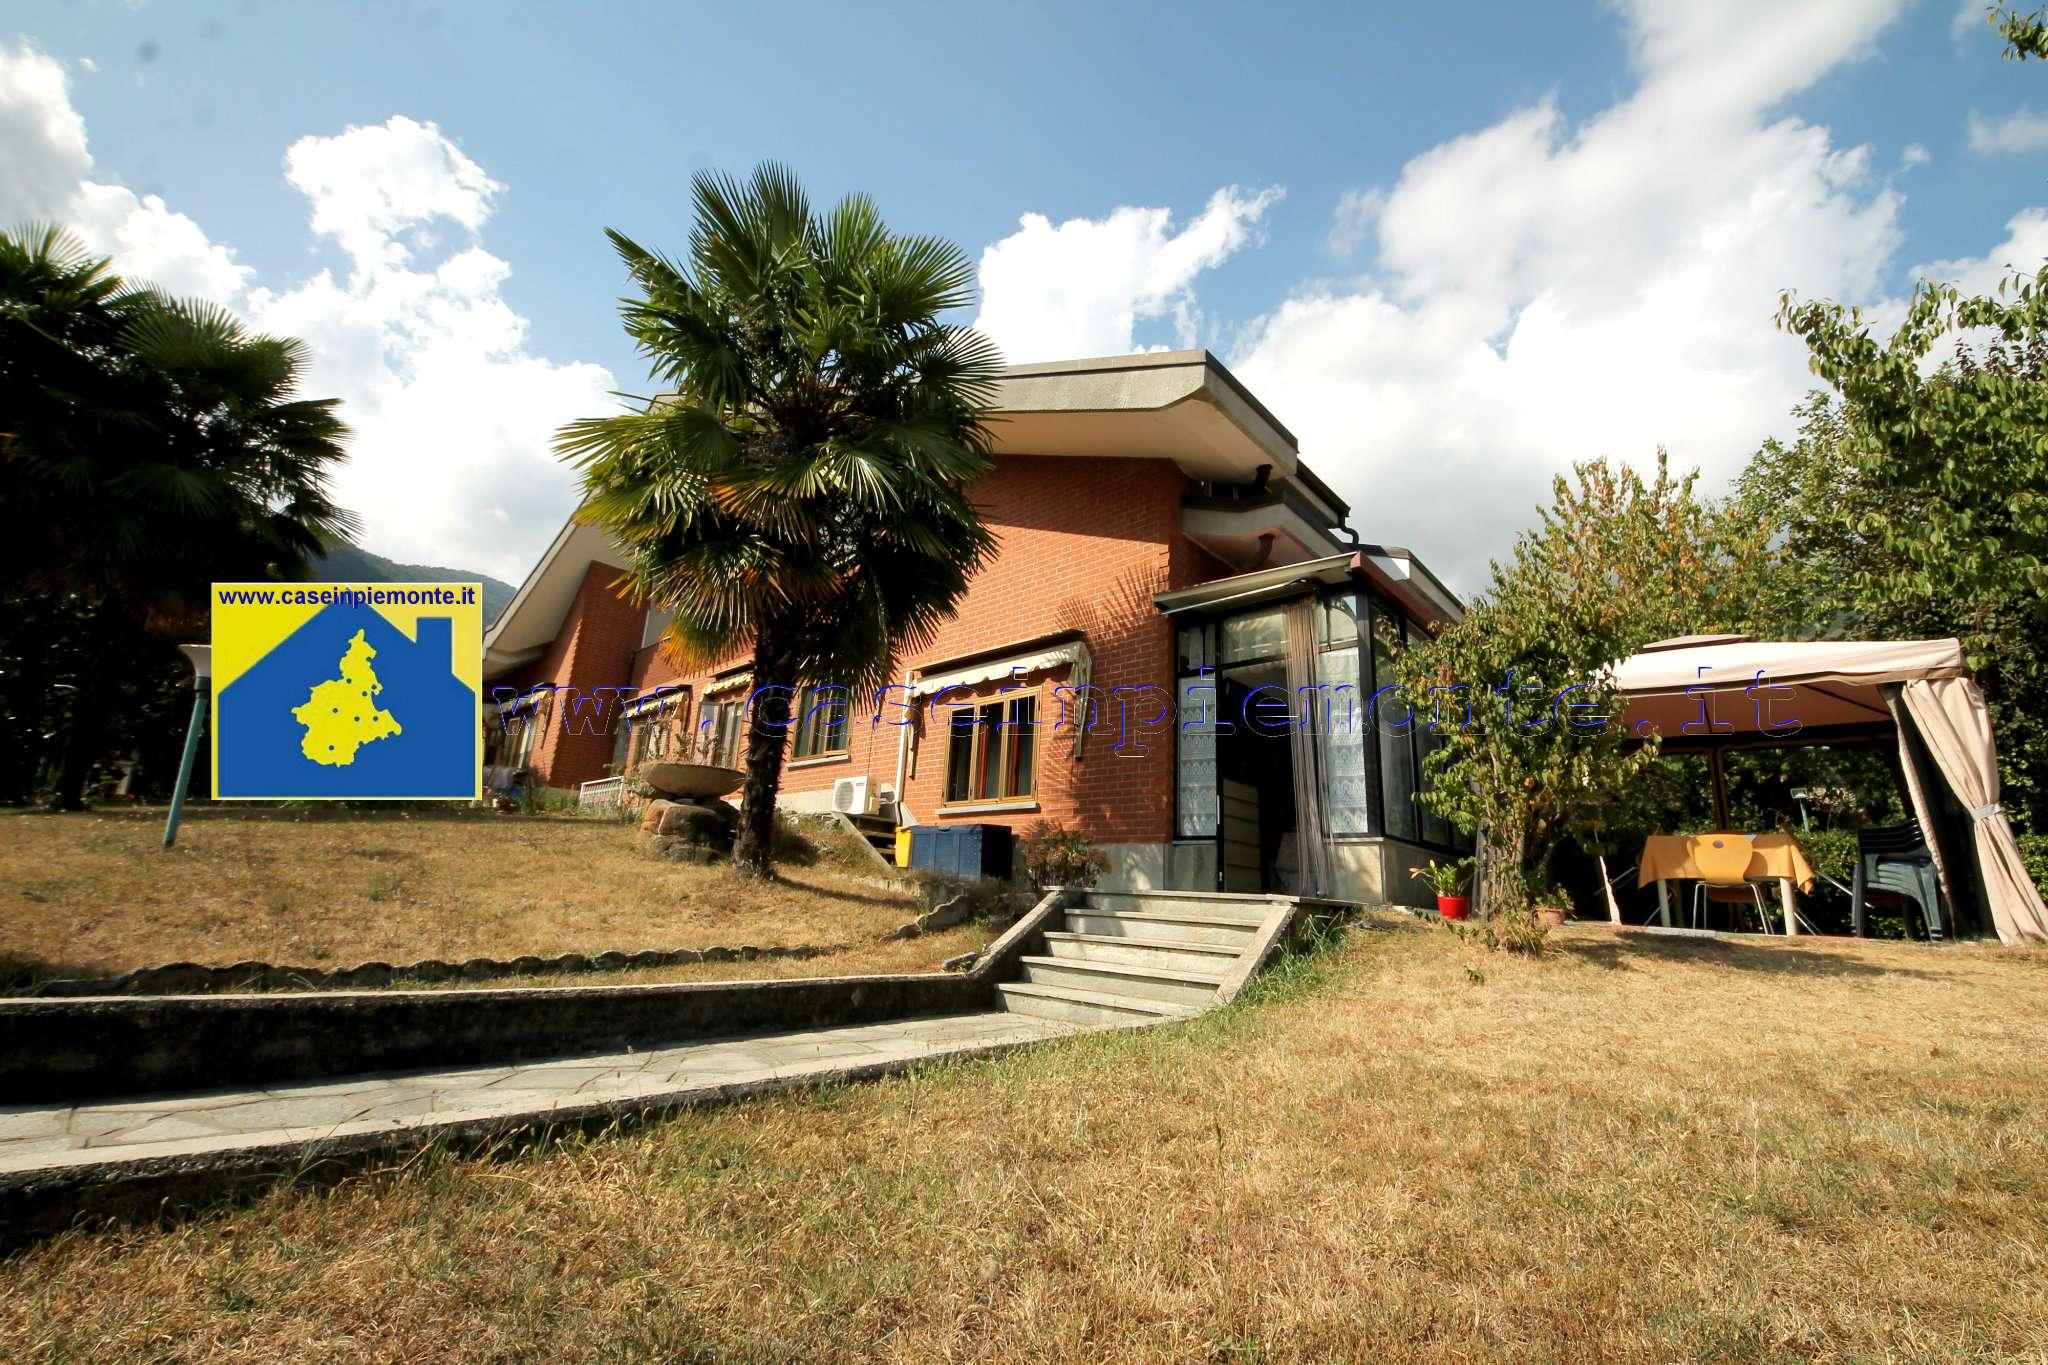 Appartamento in vendita a Val della Torre, 4 locali, prezzo € 115.000   CambioCasa.it